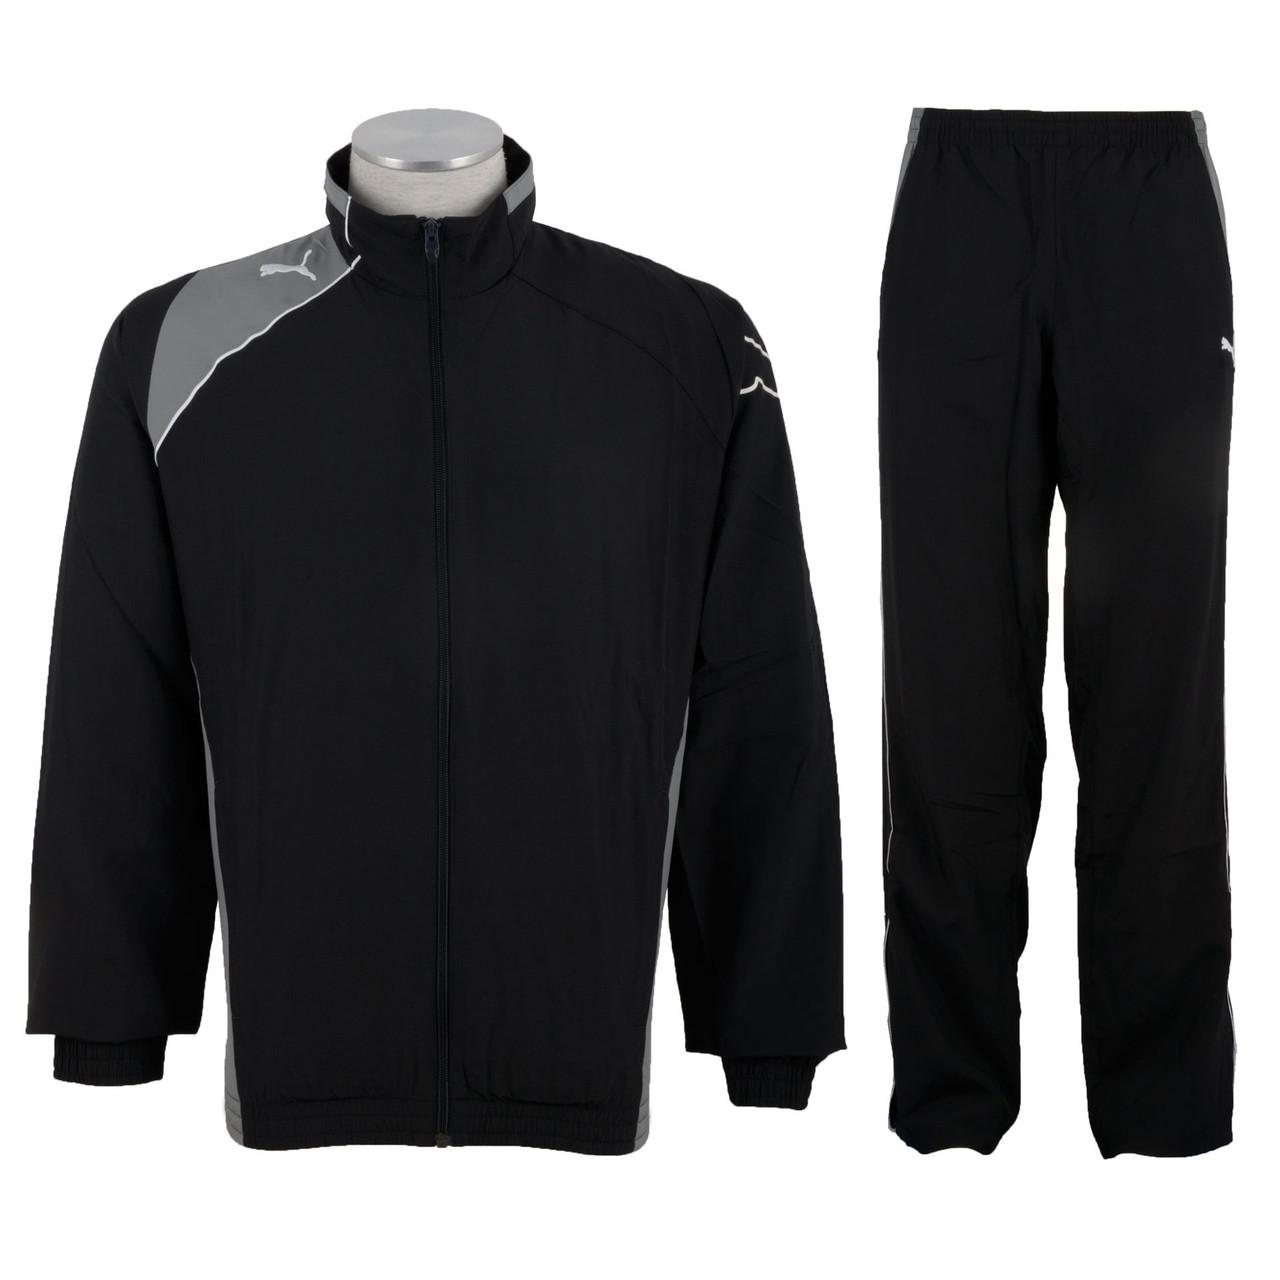 Костюм спортивный мужской puma United Woven Suit 651447 03 (черный, полиэстер, для тренировок, логотип пума)